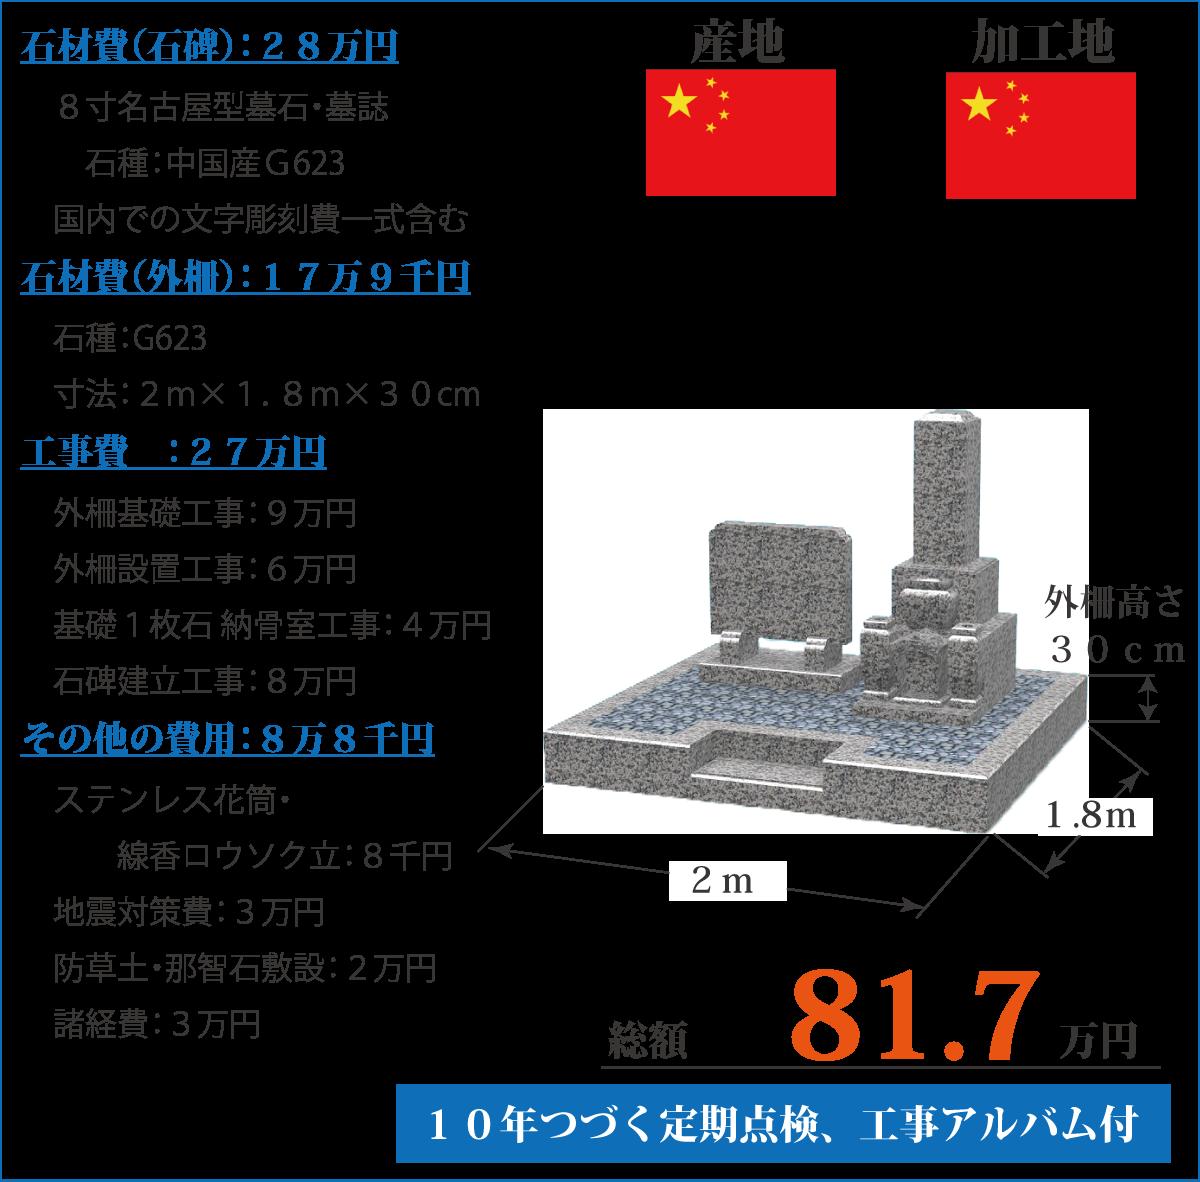 中国産G623外柵墓誌セットのお墓